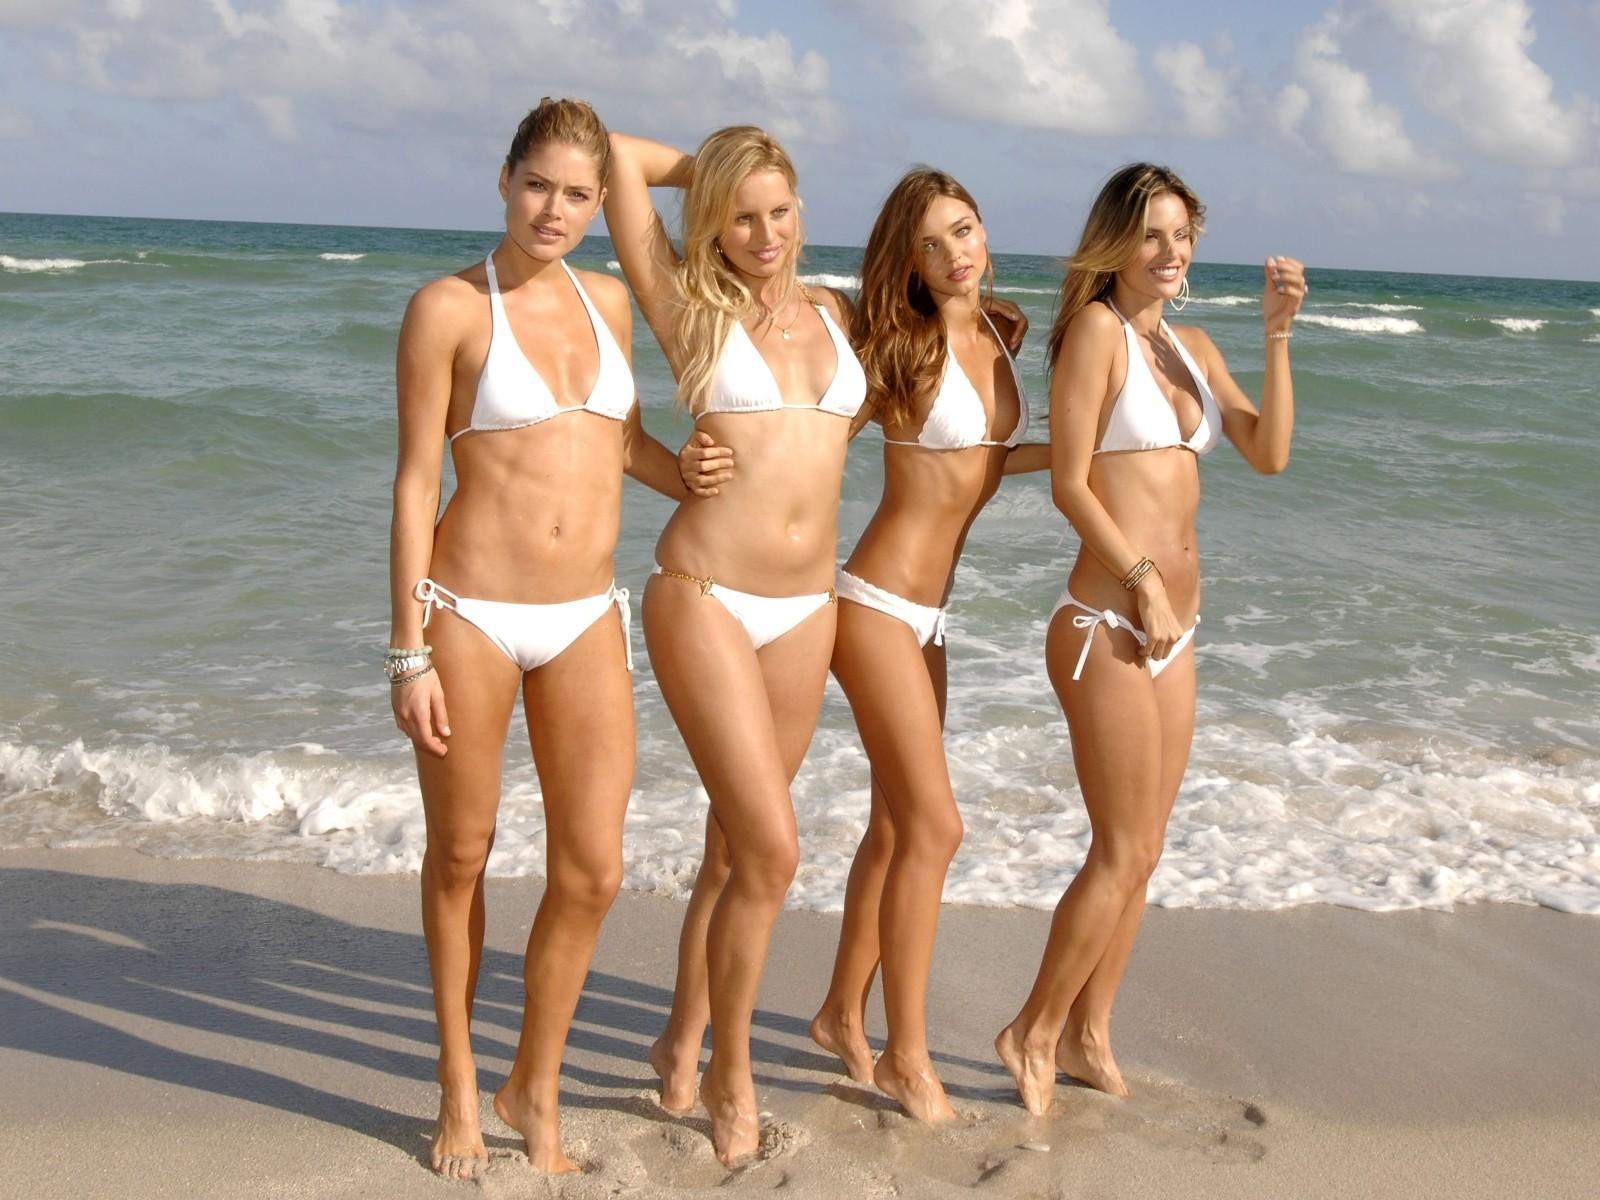 секс на пляже русских девушек сказал что